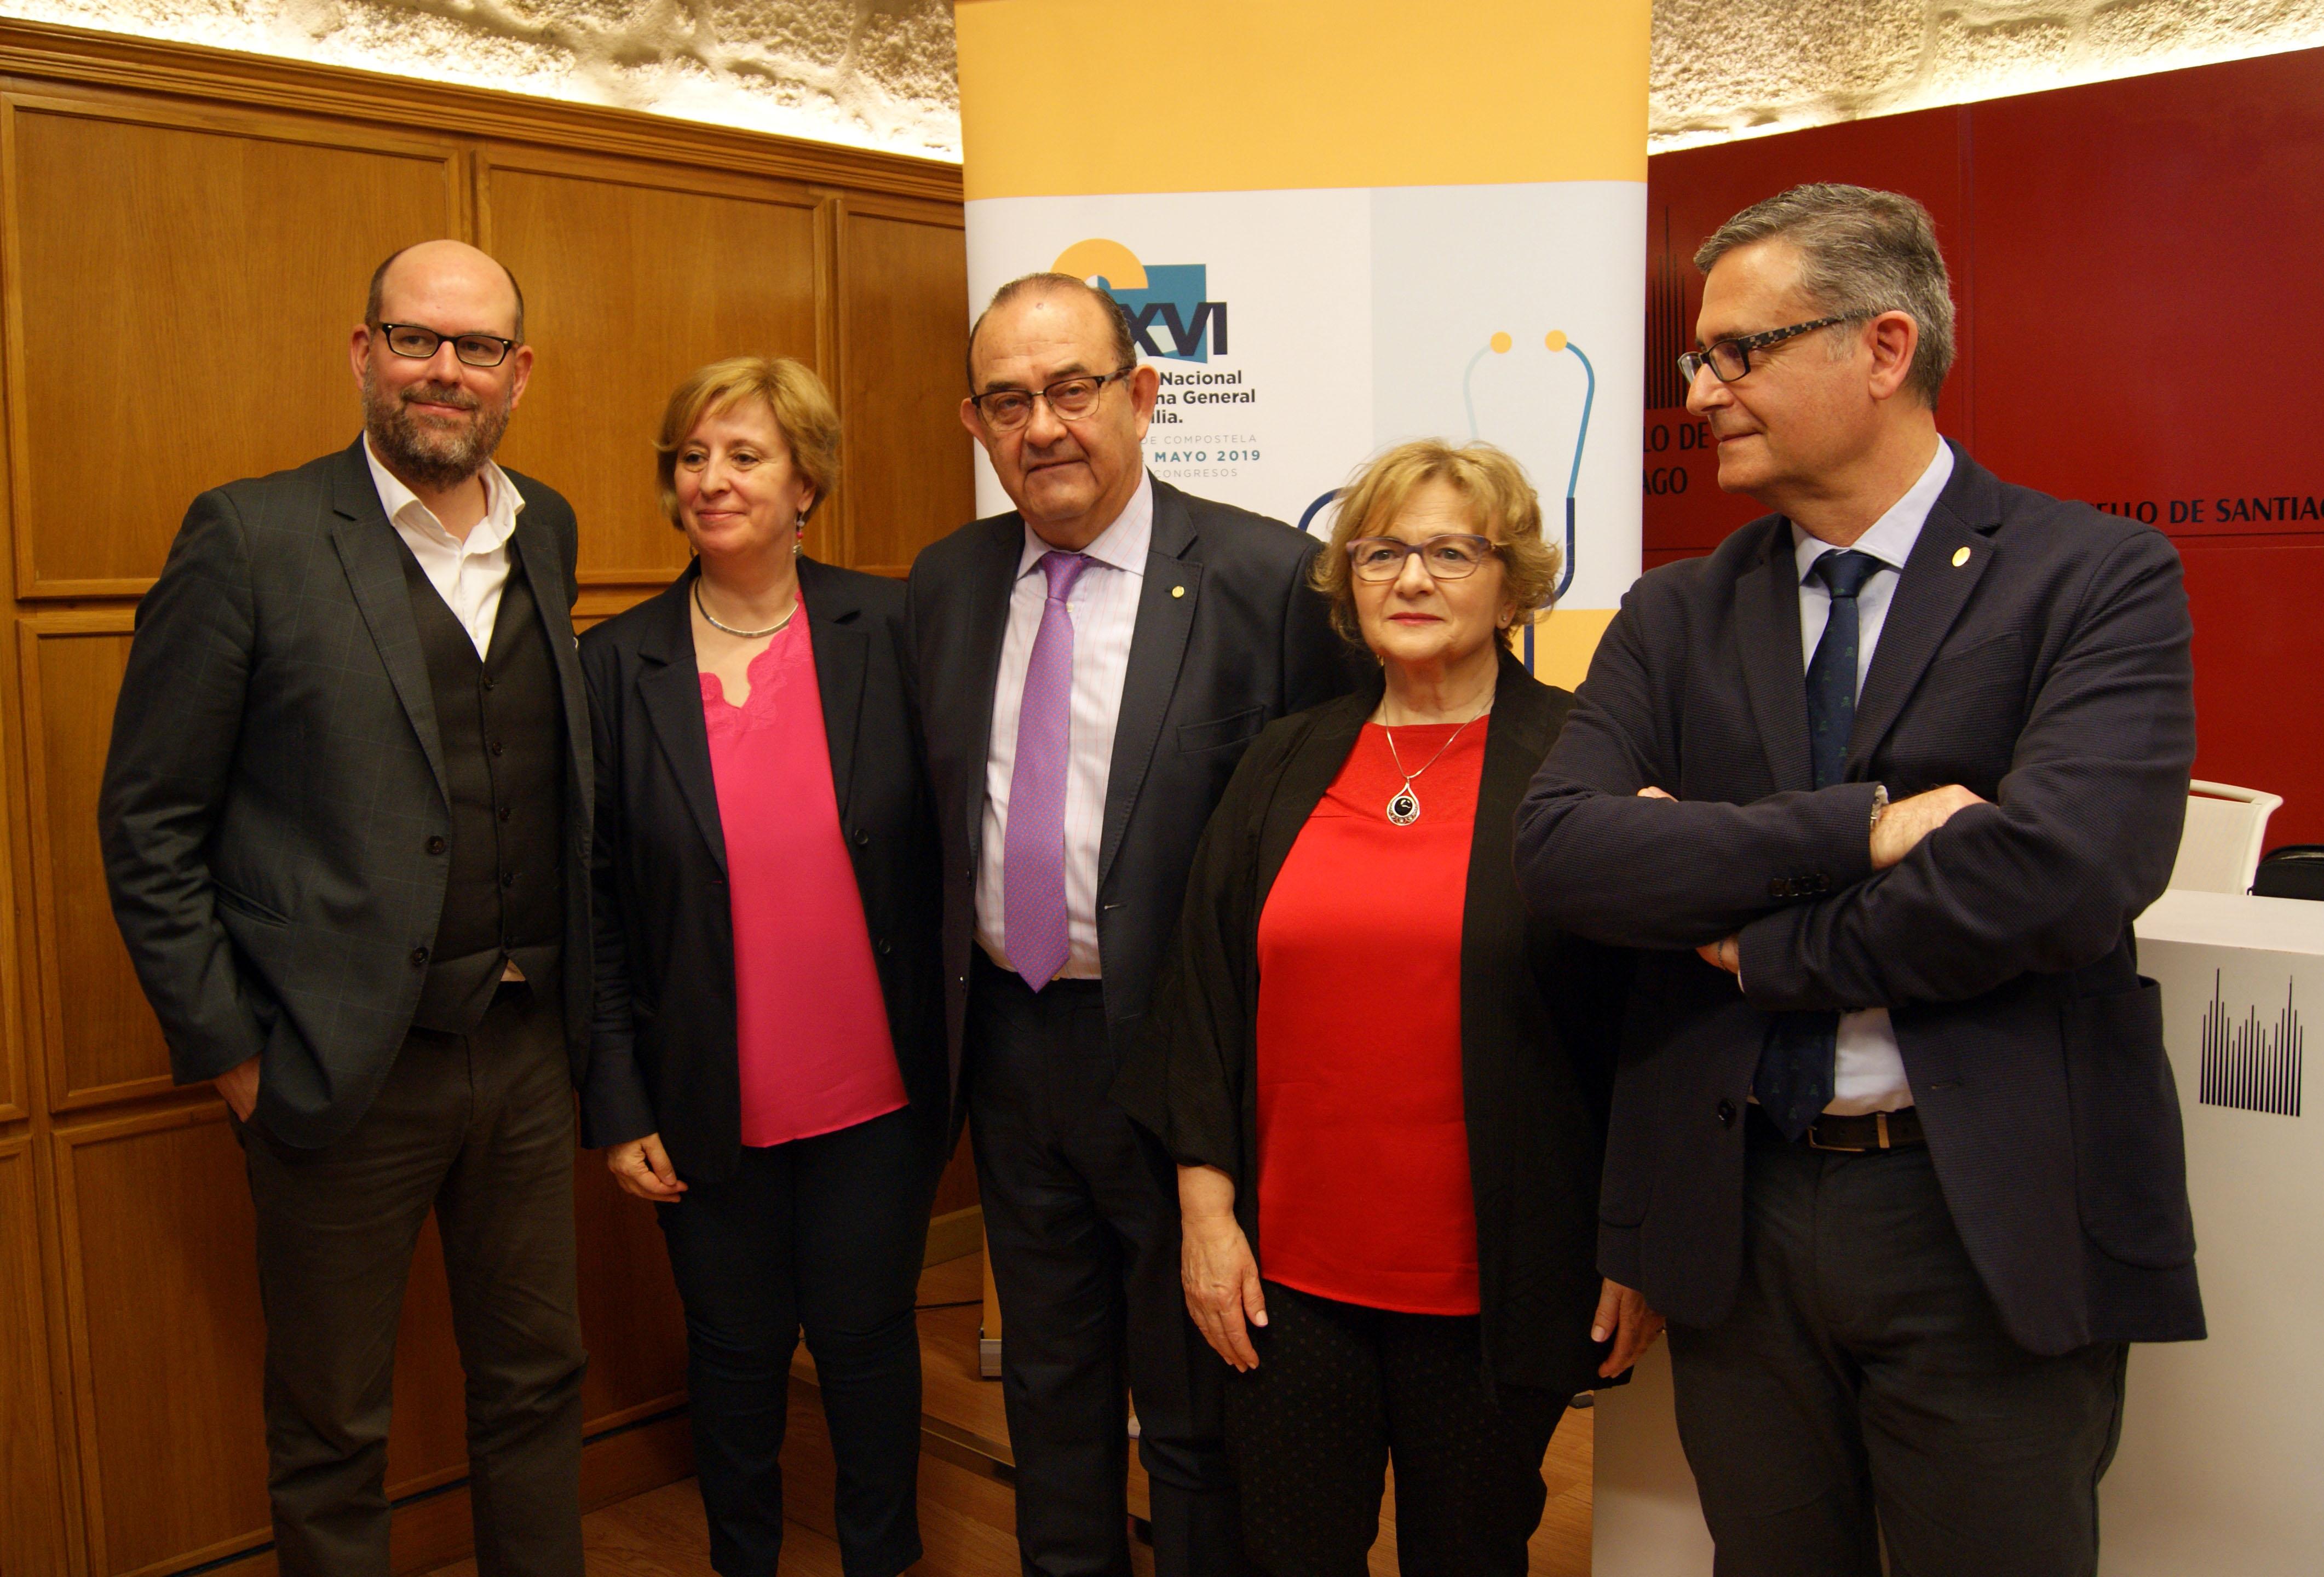 Martiño Noriega, Pilar Rodríguez, Antonio Fernández-Prol, Mercedes Otero e Lorenzo Armenteros na sala de prensa de Raxoi..